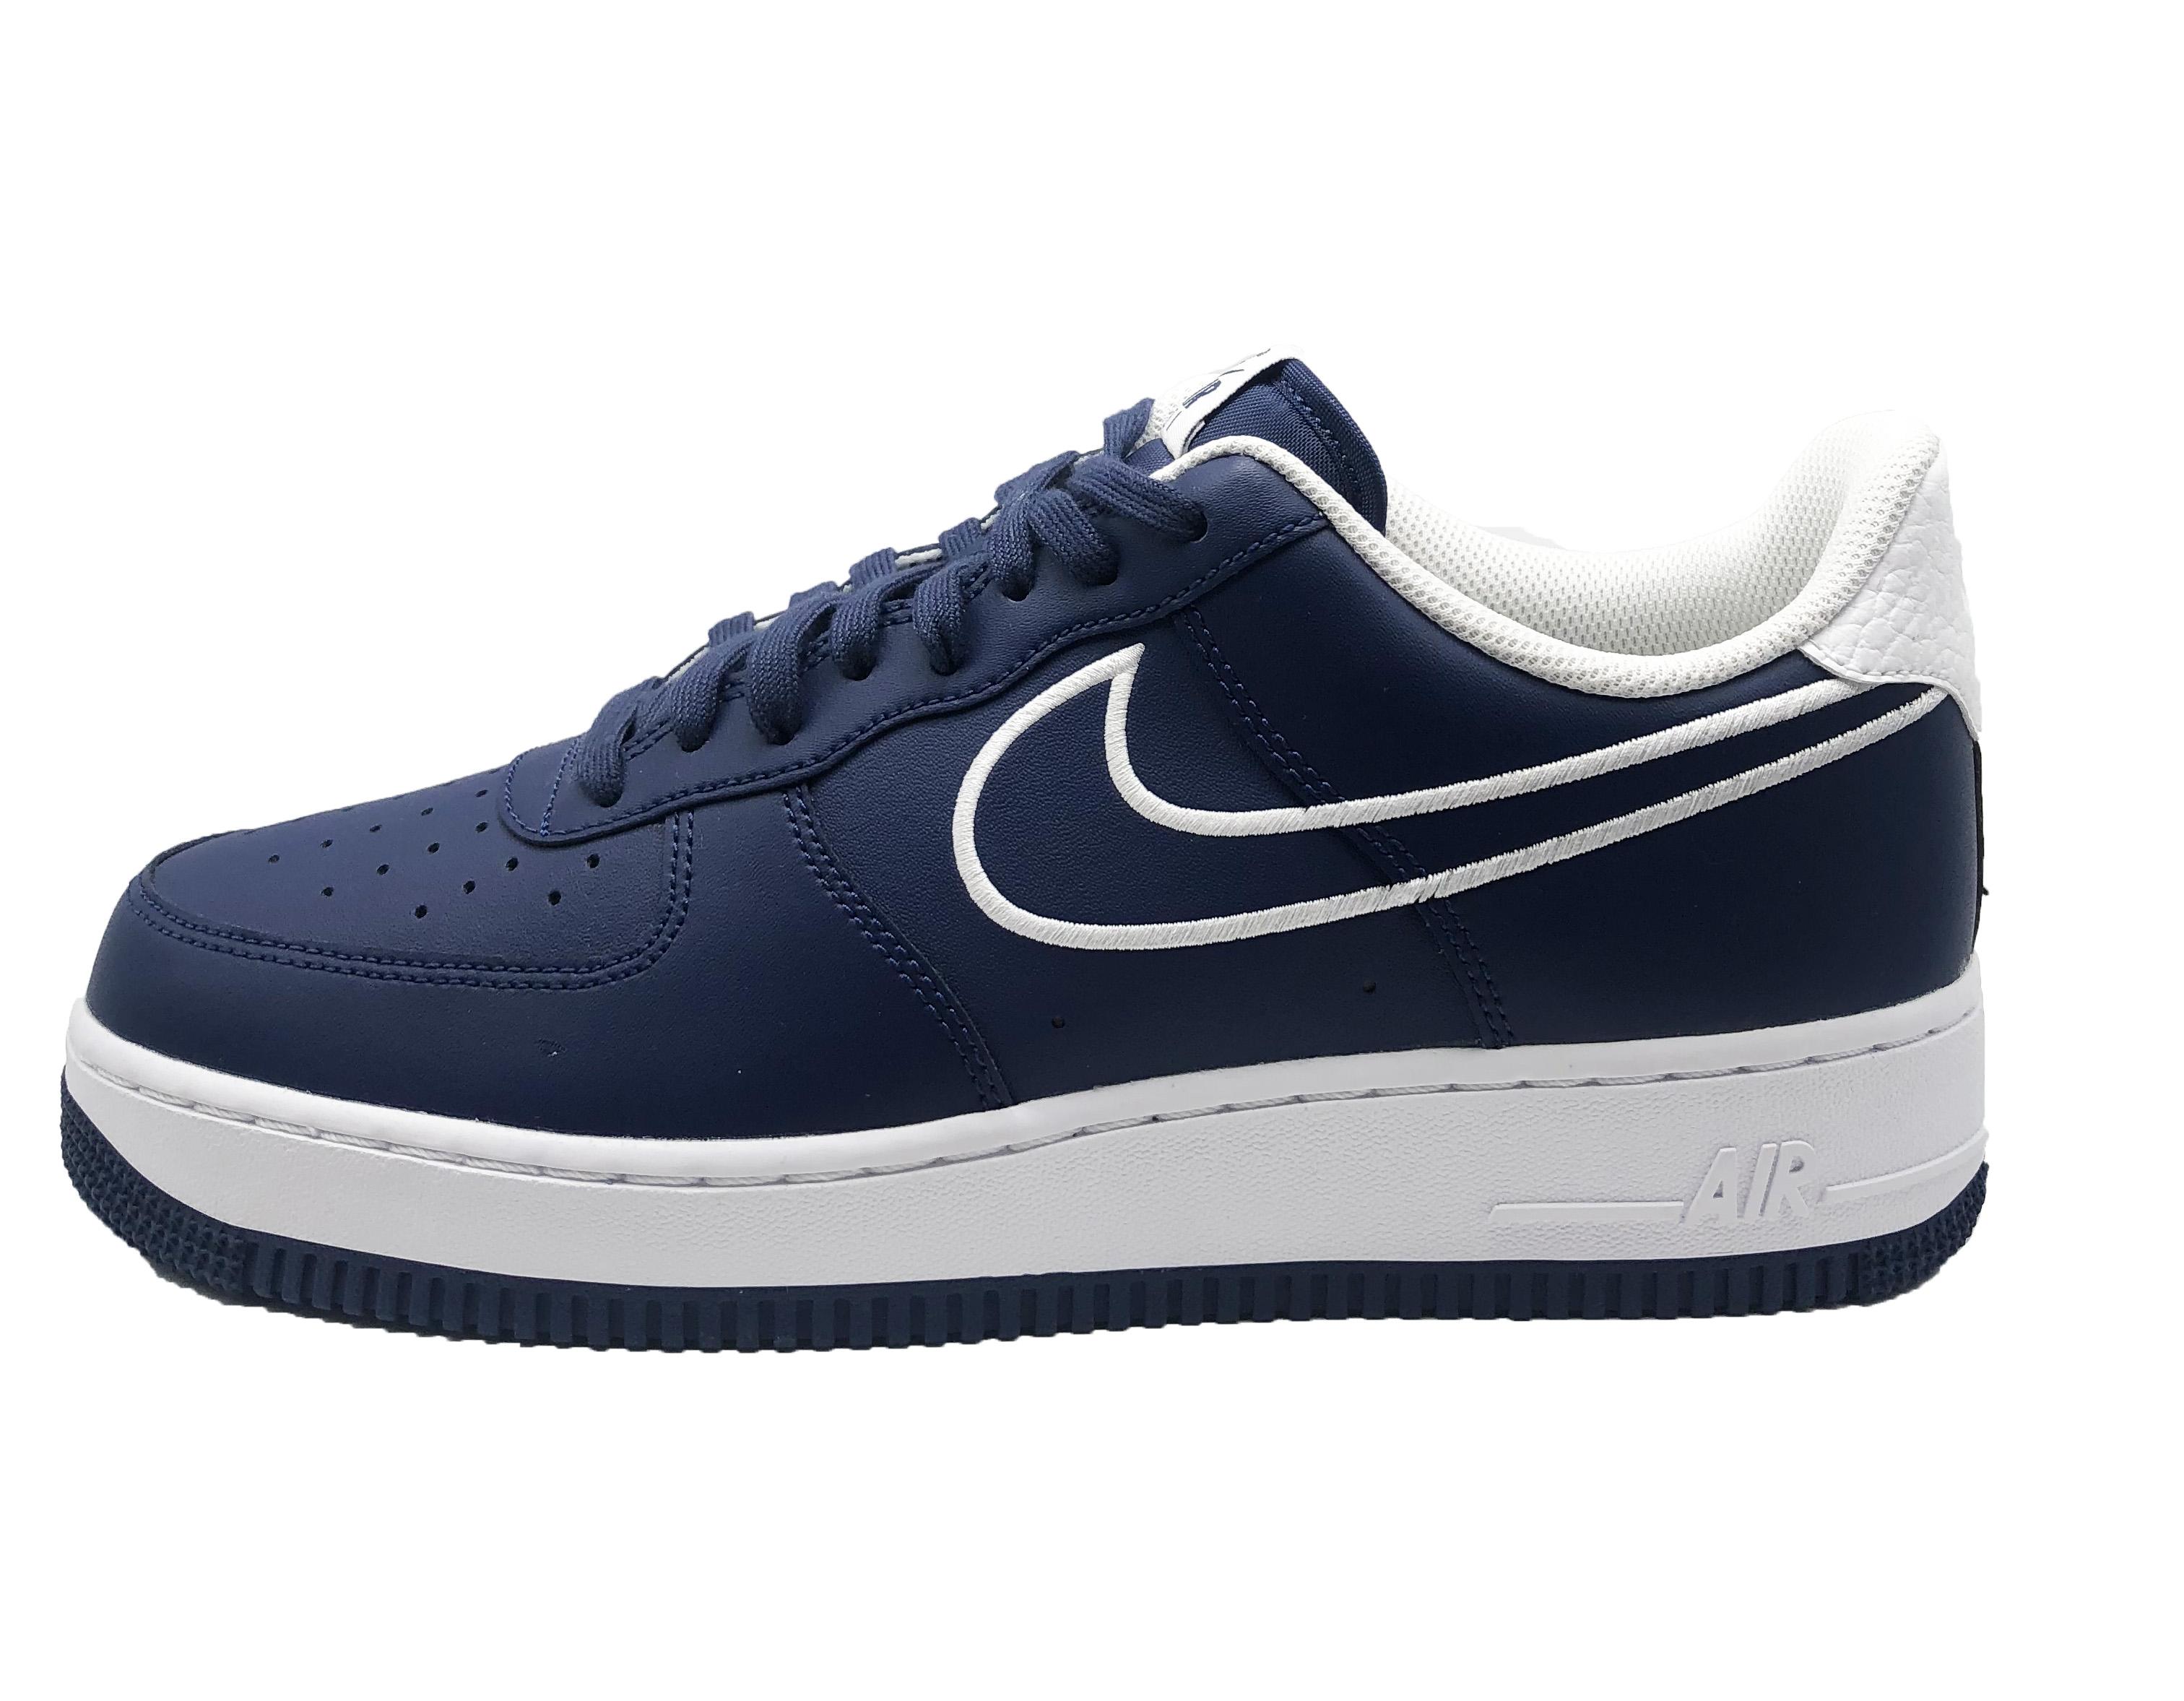 Nike Air Force 1  07 LTHR AJ7280 400 Mens Trainers  629c376fde3a7